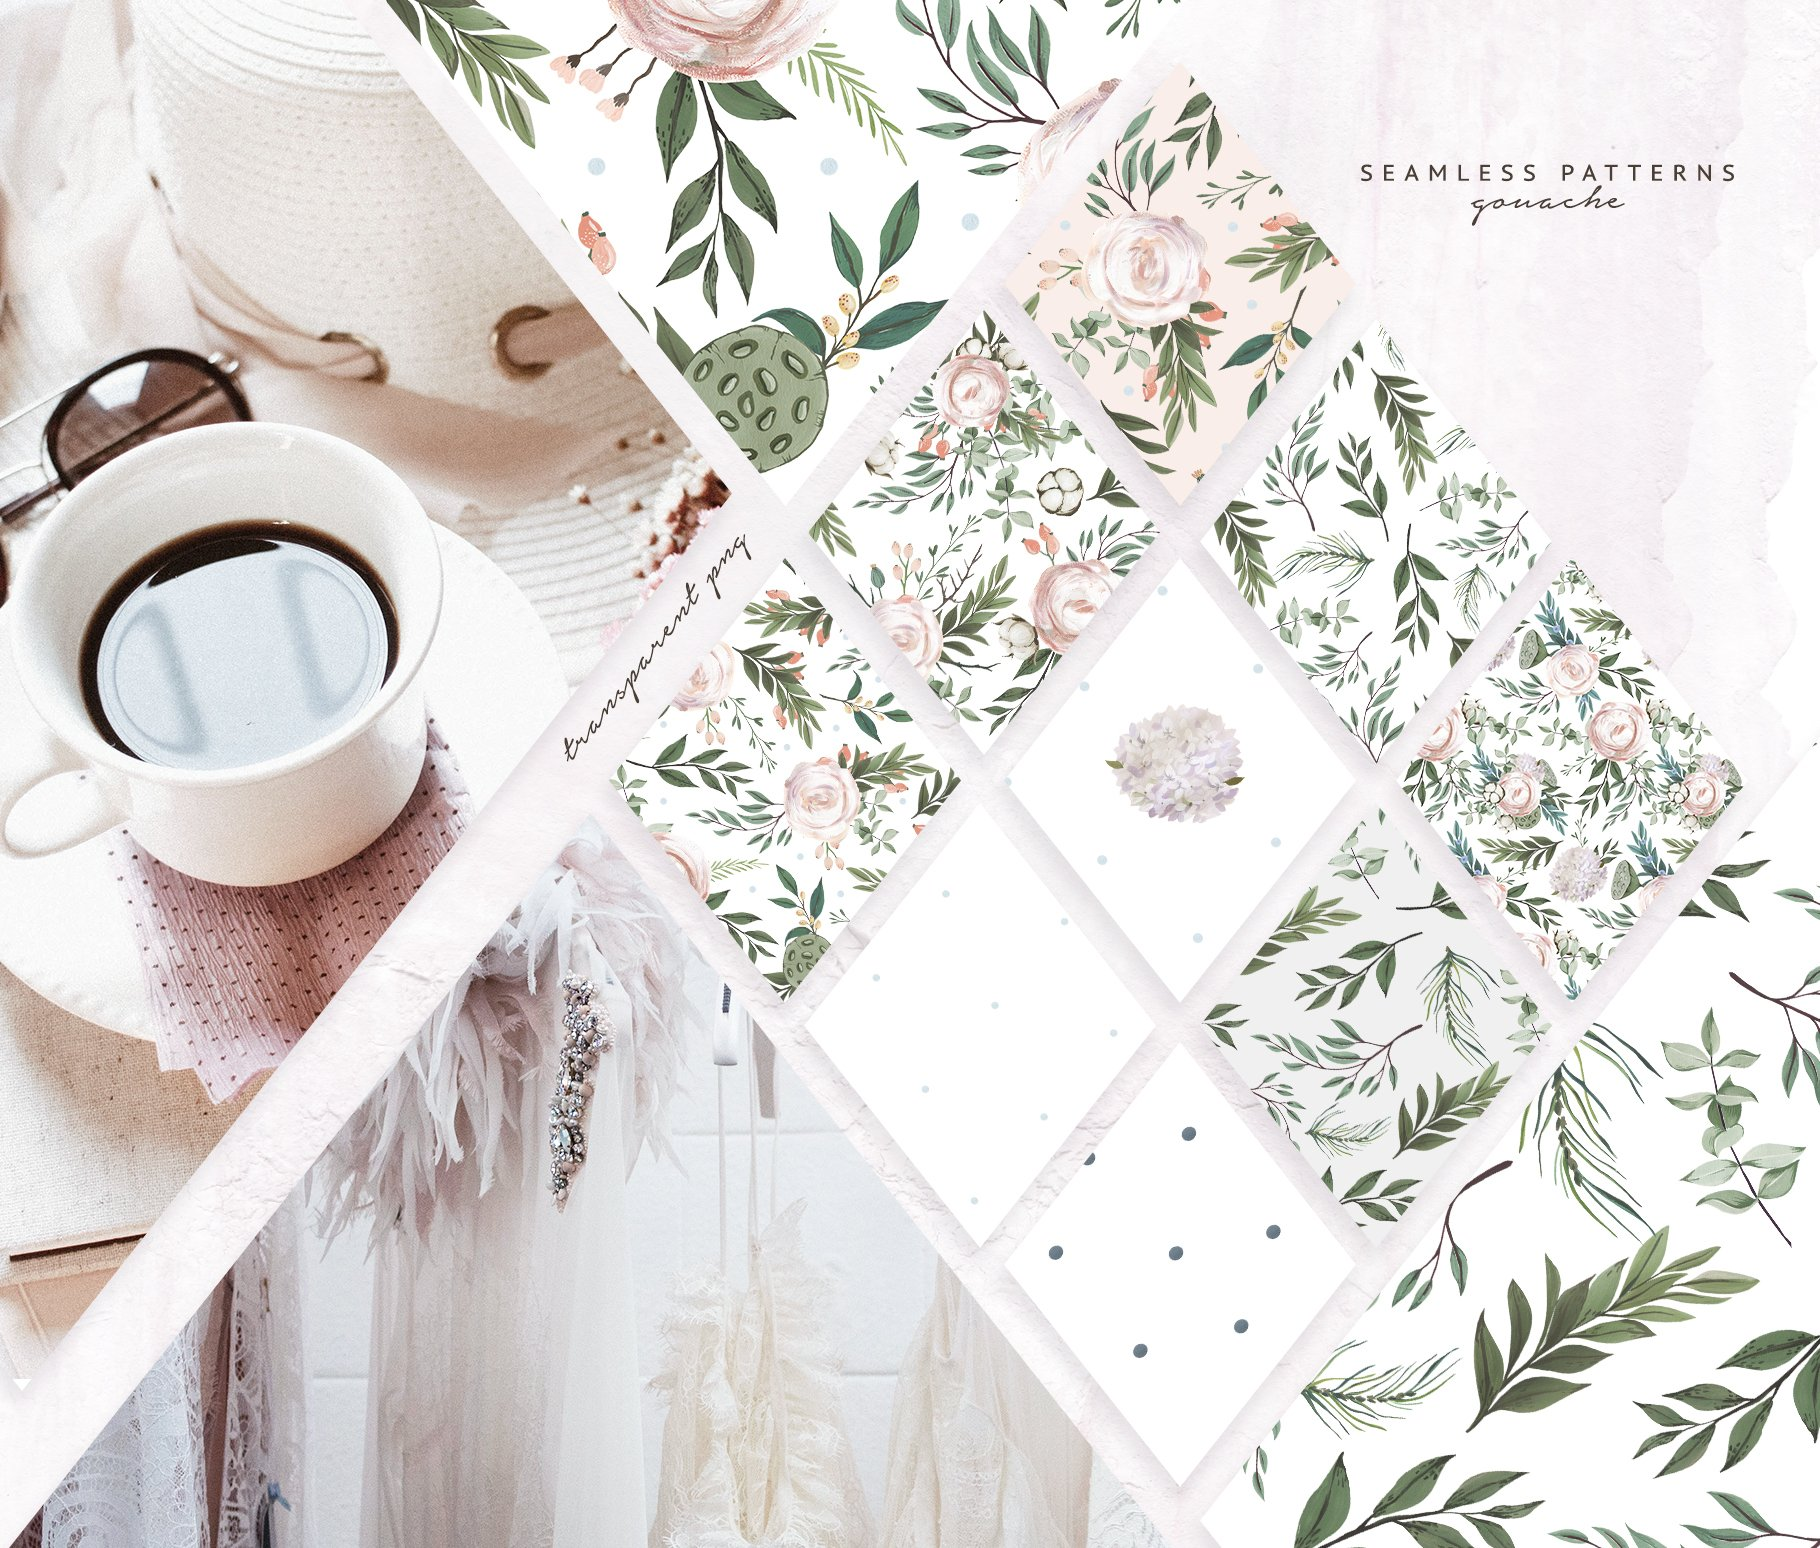 哑光油漆质感花卉树叶手绘水彩画PNG透明图片素材 Gouache Dusty Flowers插图1